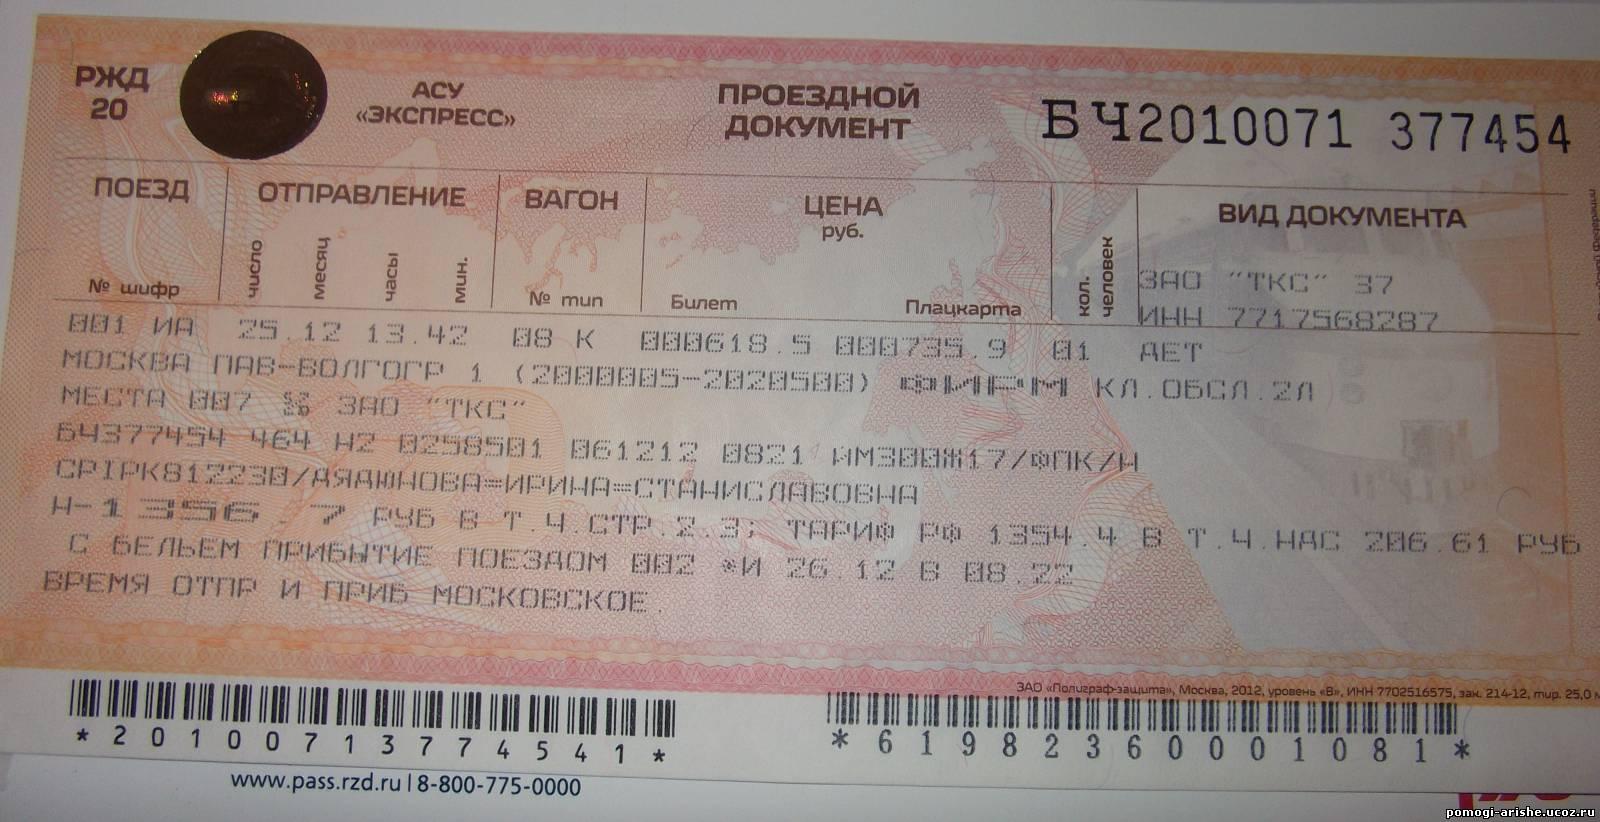 ставрополь чечня поезд цена билета однокомнатная, комнате